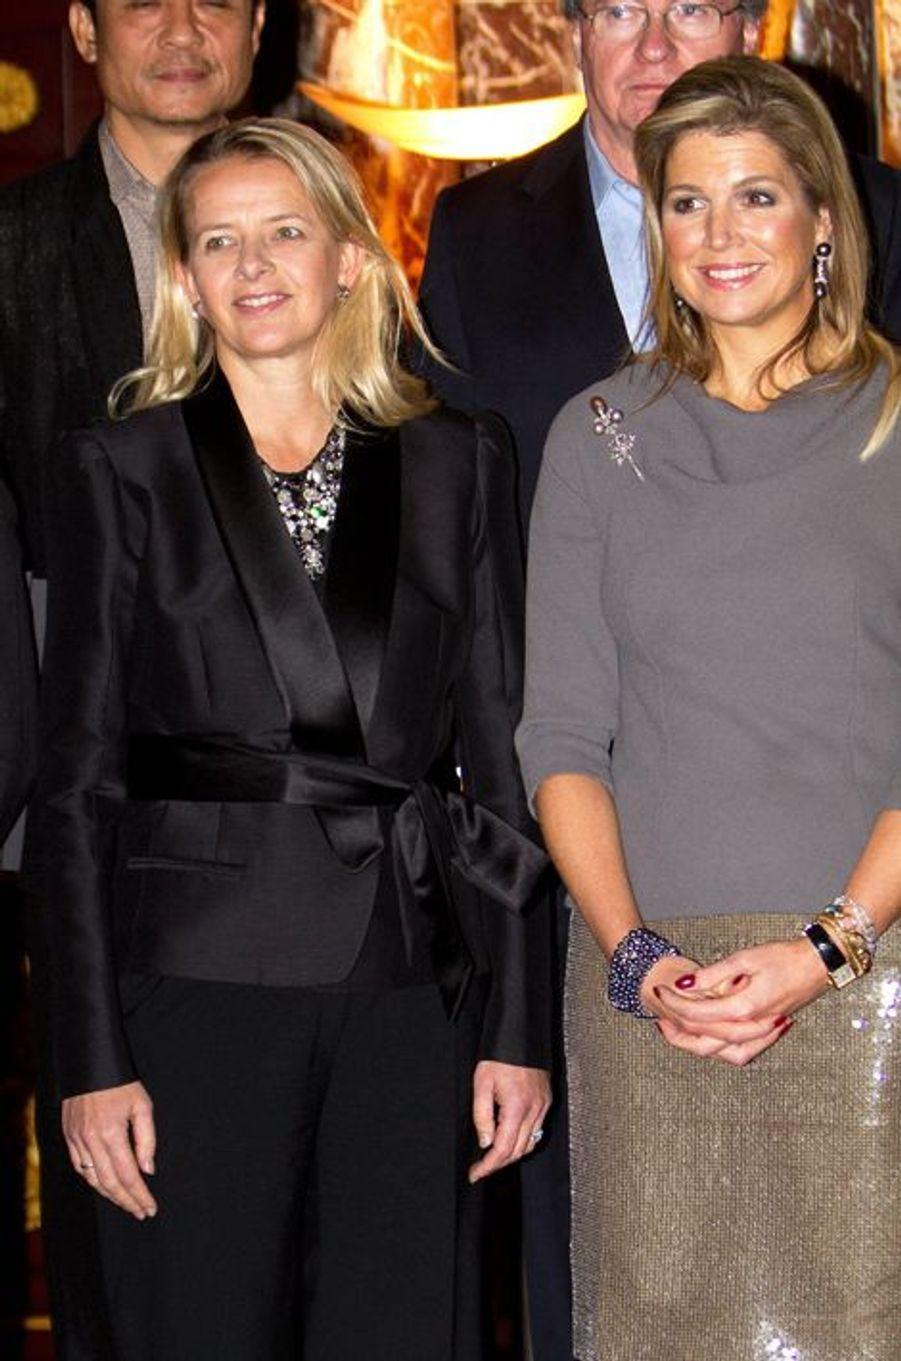 La reine Maxima des Pays-Bas avec la princesse Mabel, au prix du prince Claus à Amsterdam, le 10 décembre 2014